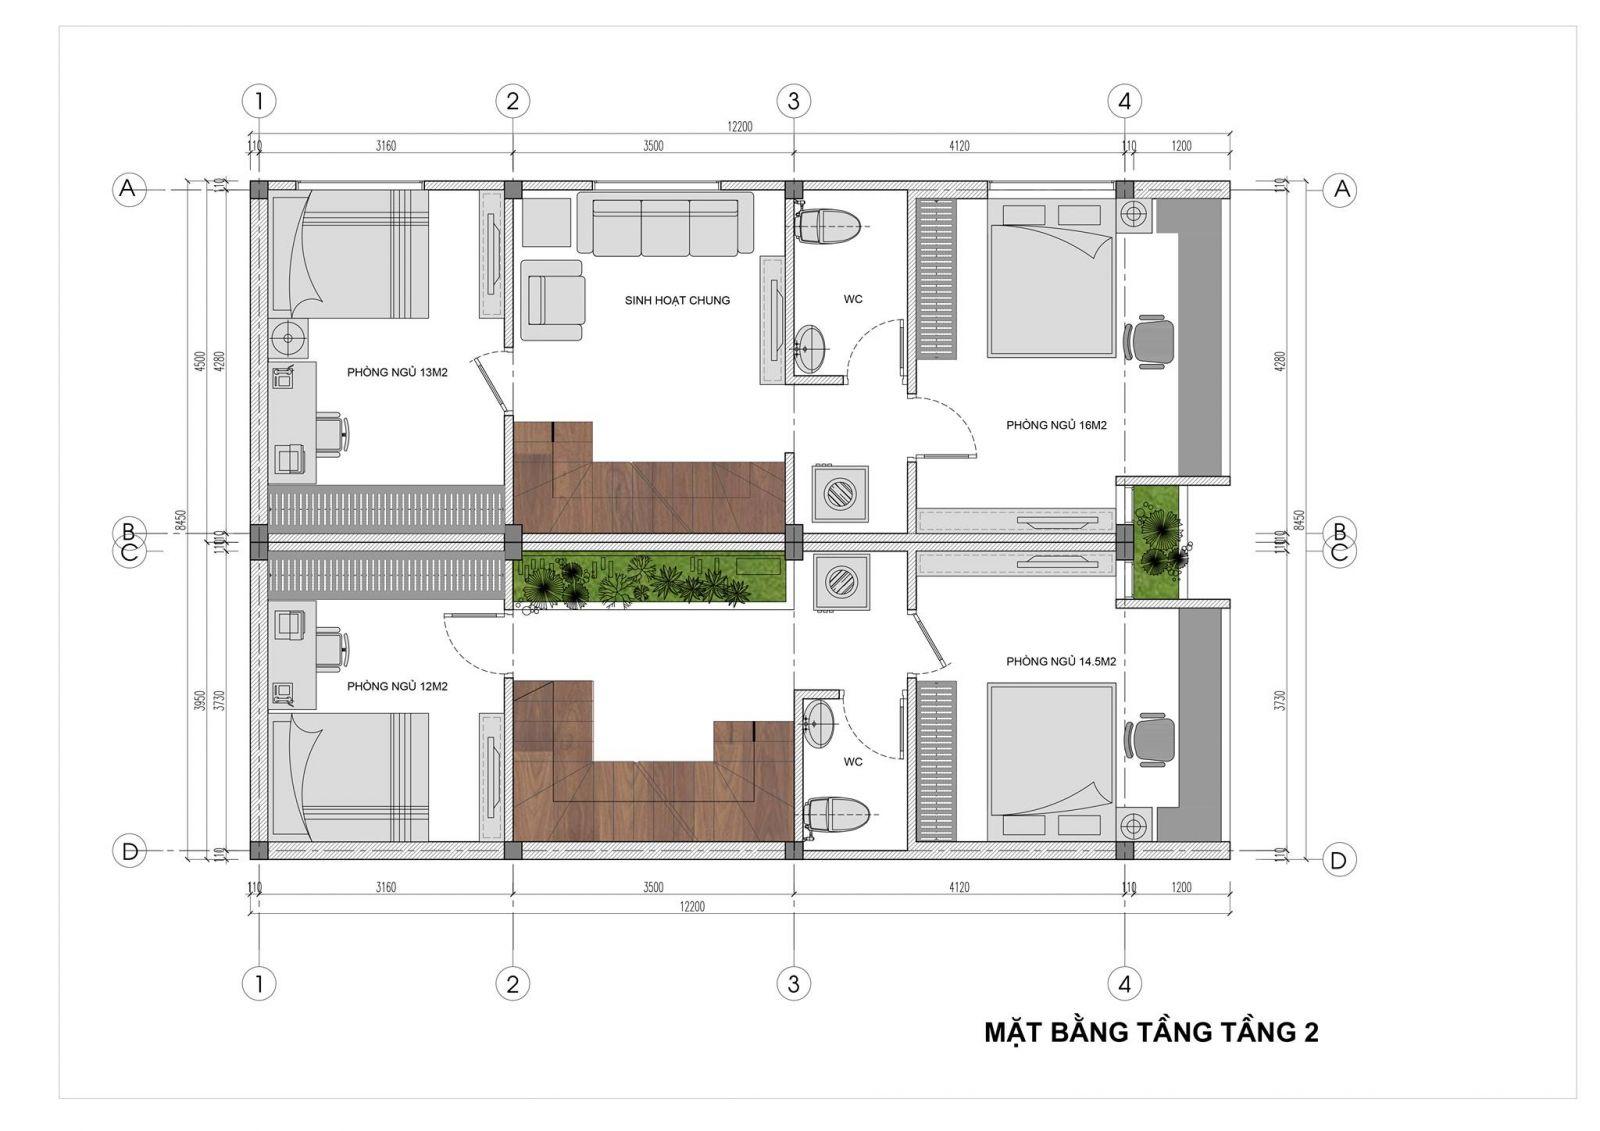 Mặt bằng tầng 2 Mẫu nhà phố đẹp 2.5 tầng